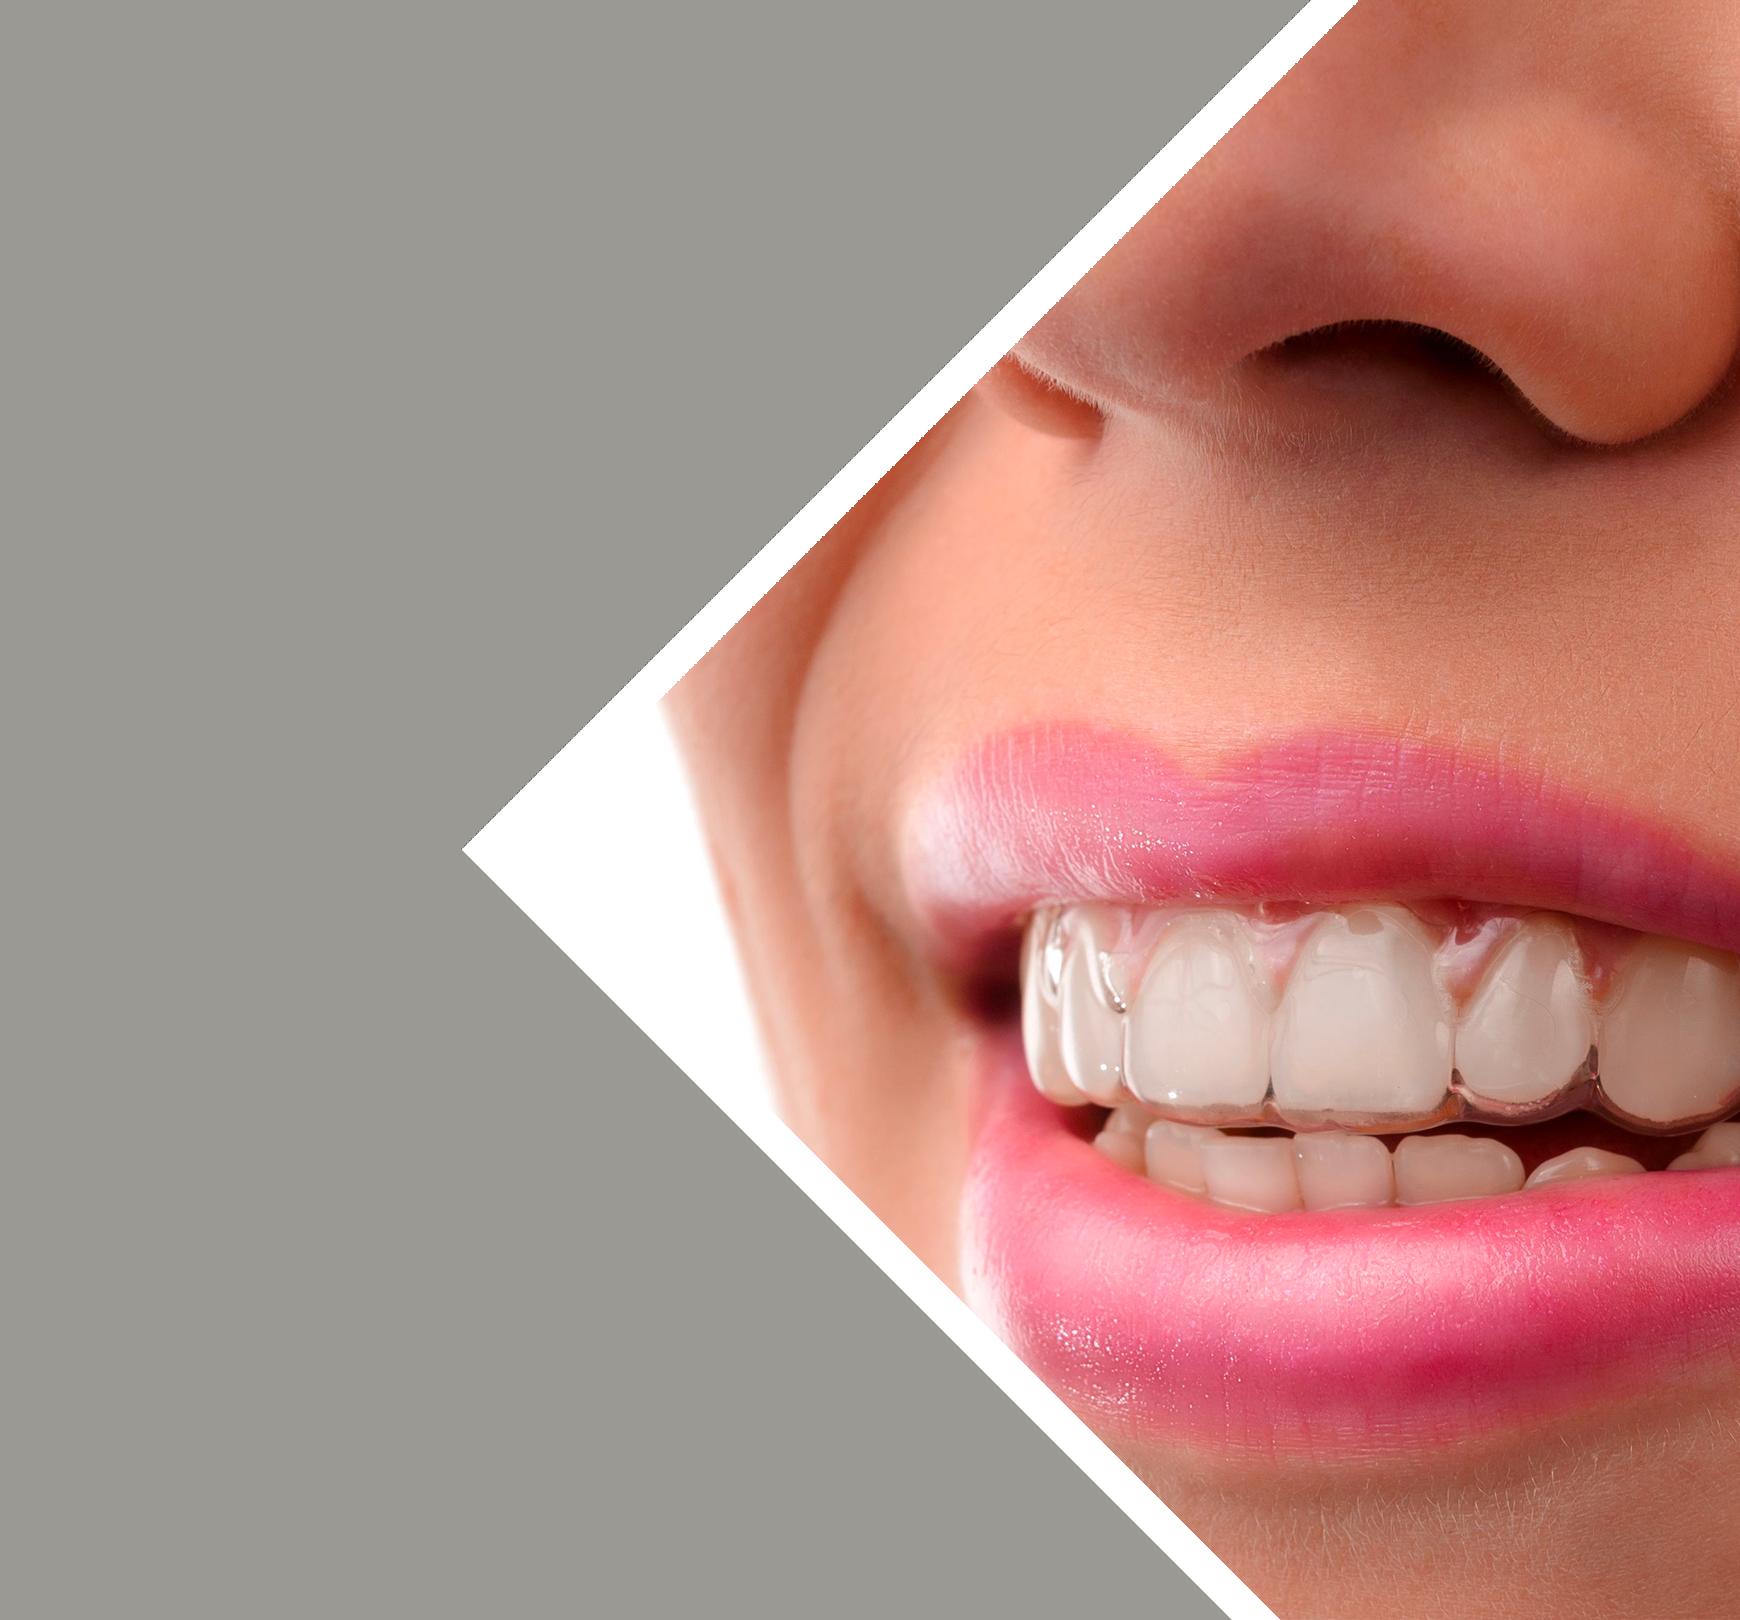 Le Dr Severin assure les soins orthodontiques Invisalign pour les adultes